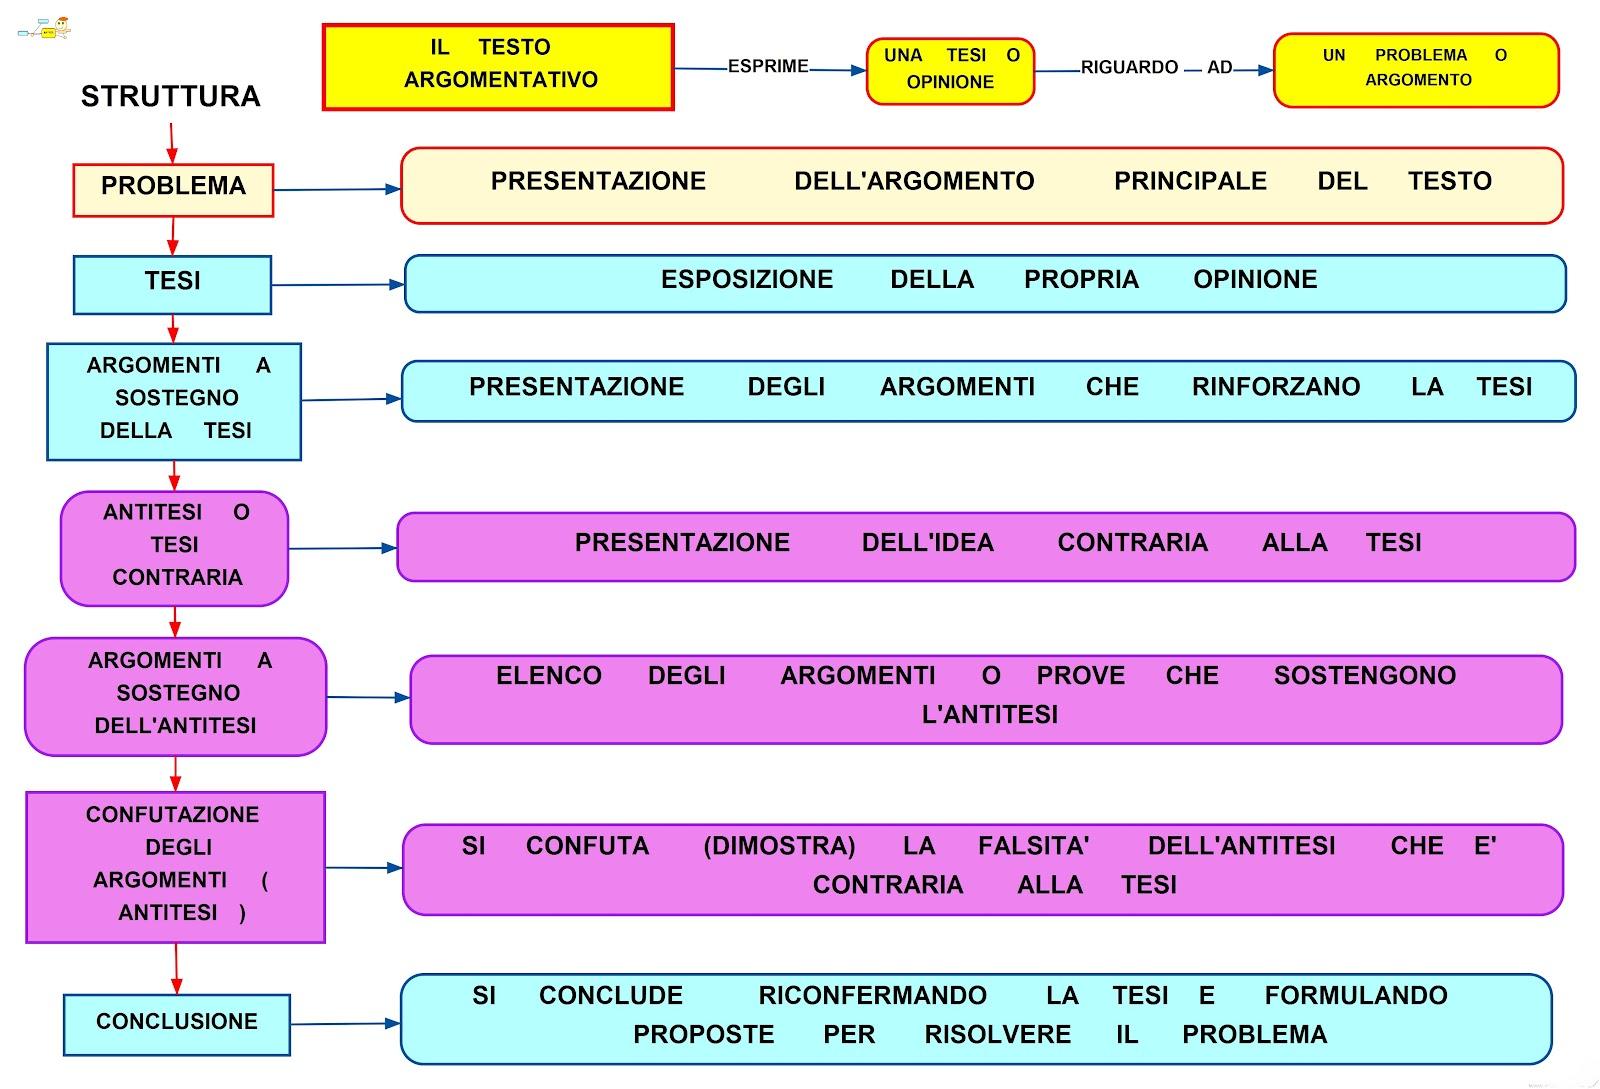 Testo Argomentativo: schema e mappa concettuale